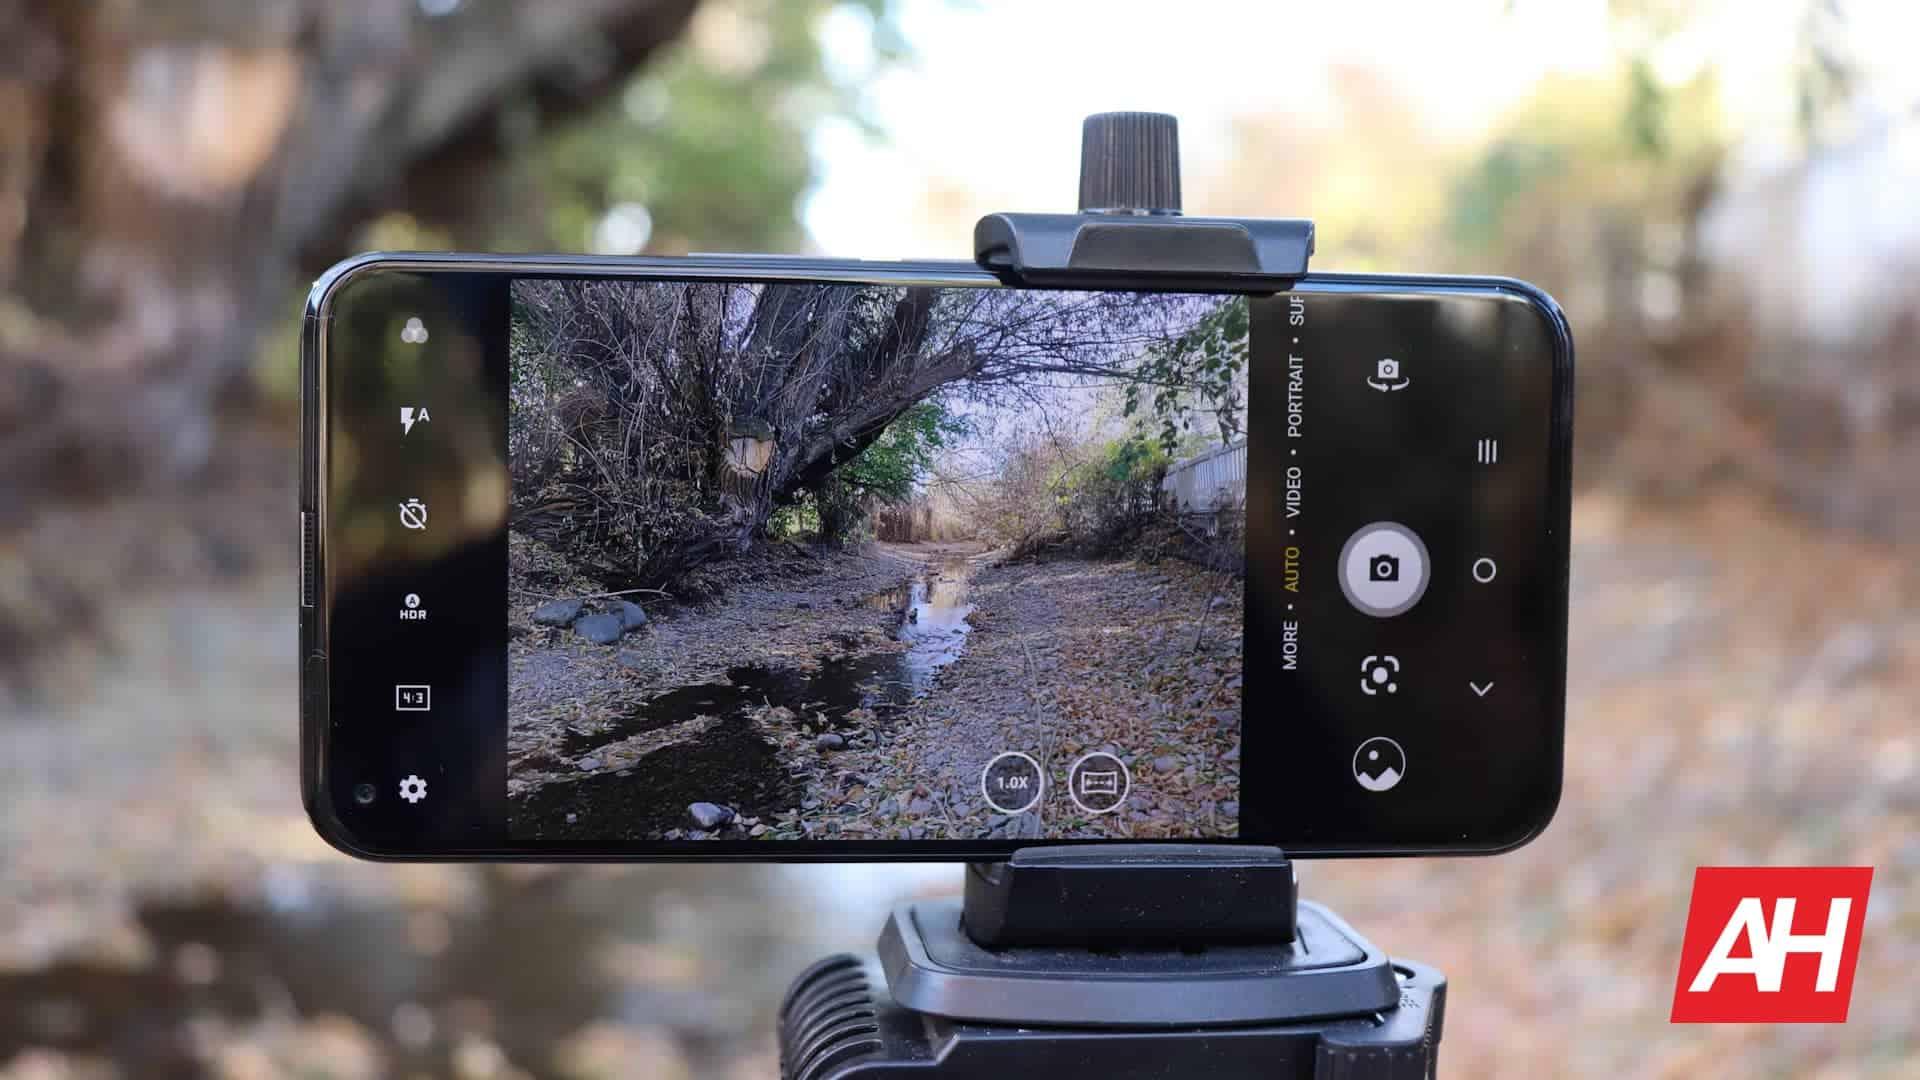 08 TCL 10 5G UW Review camera DG AH 2020